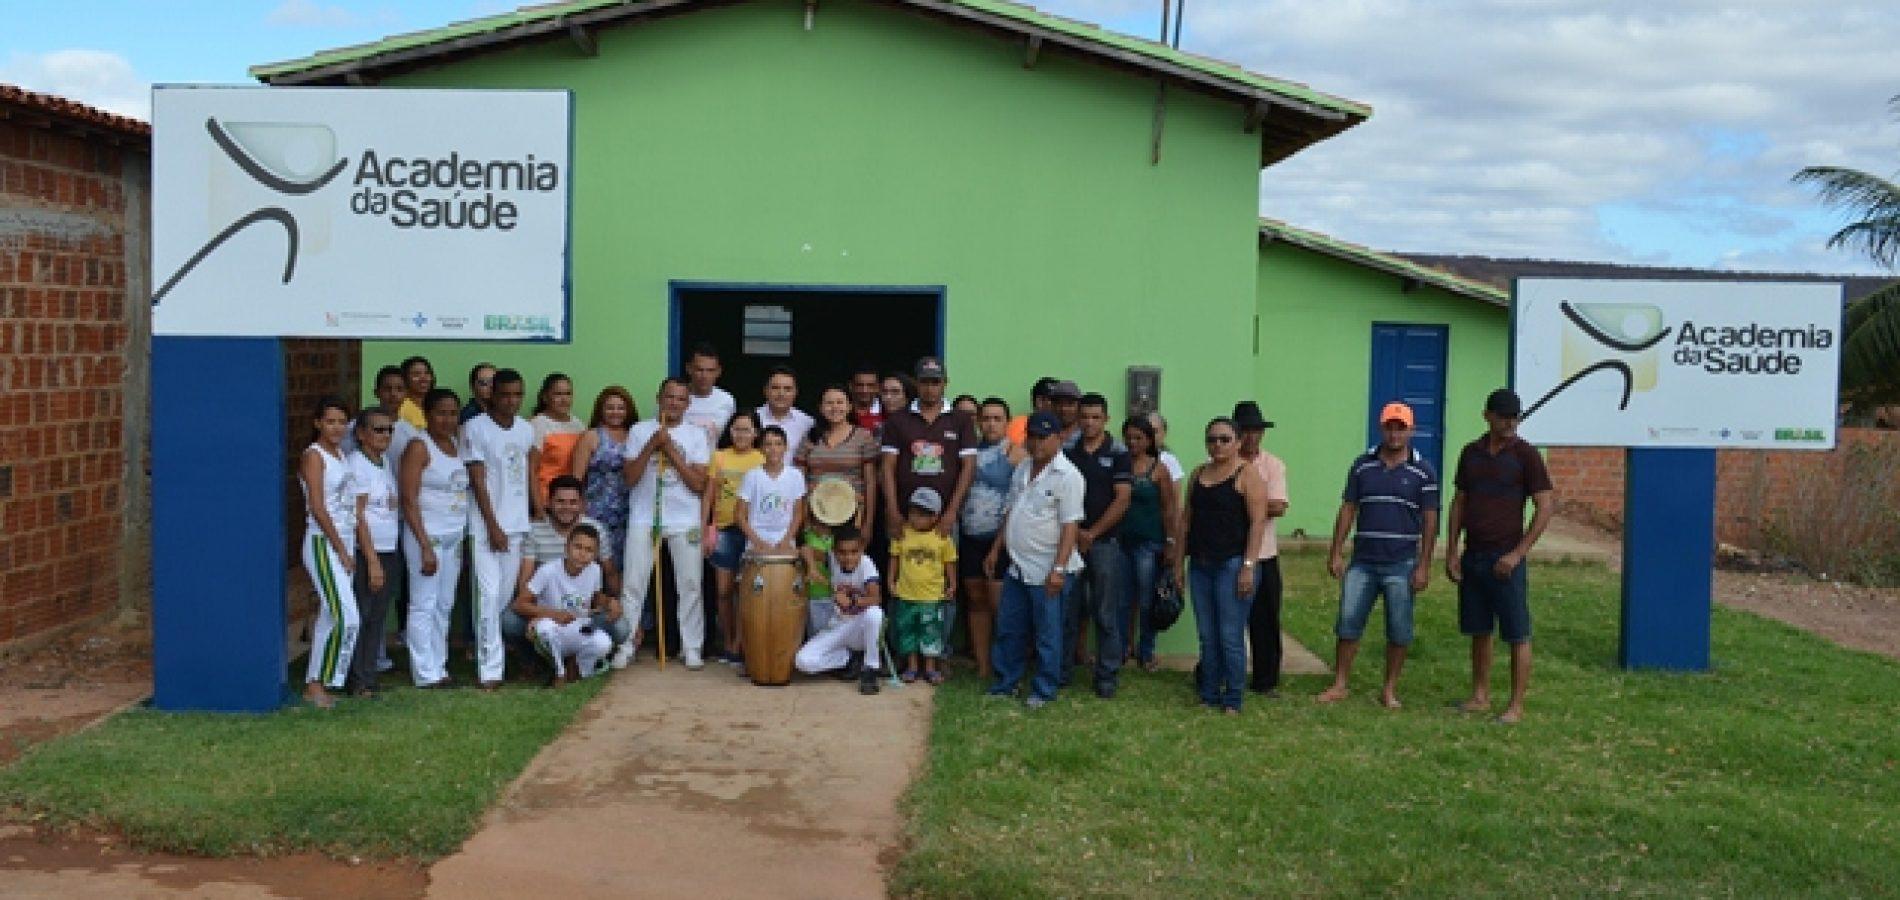 Prefeito Milton inaugura Academia de Saúde em Vera Mendes; veja imagens